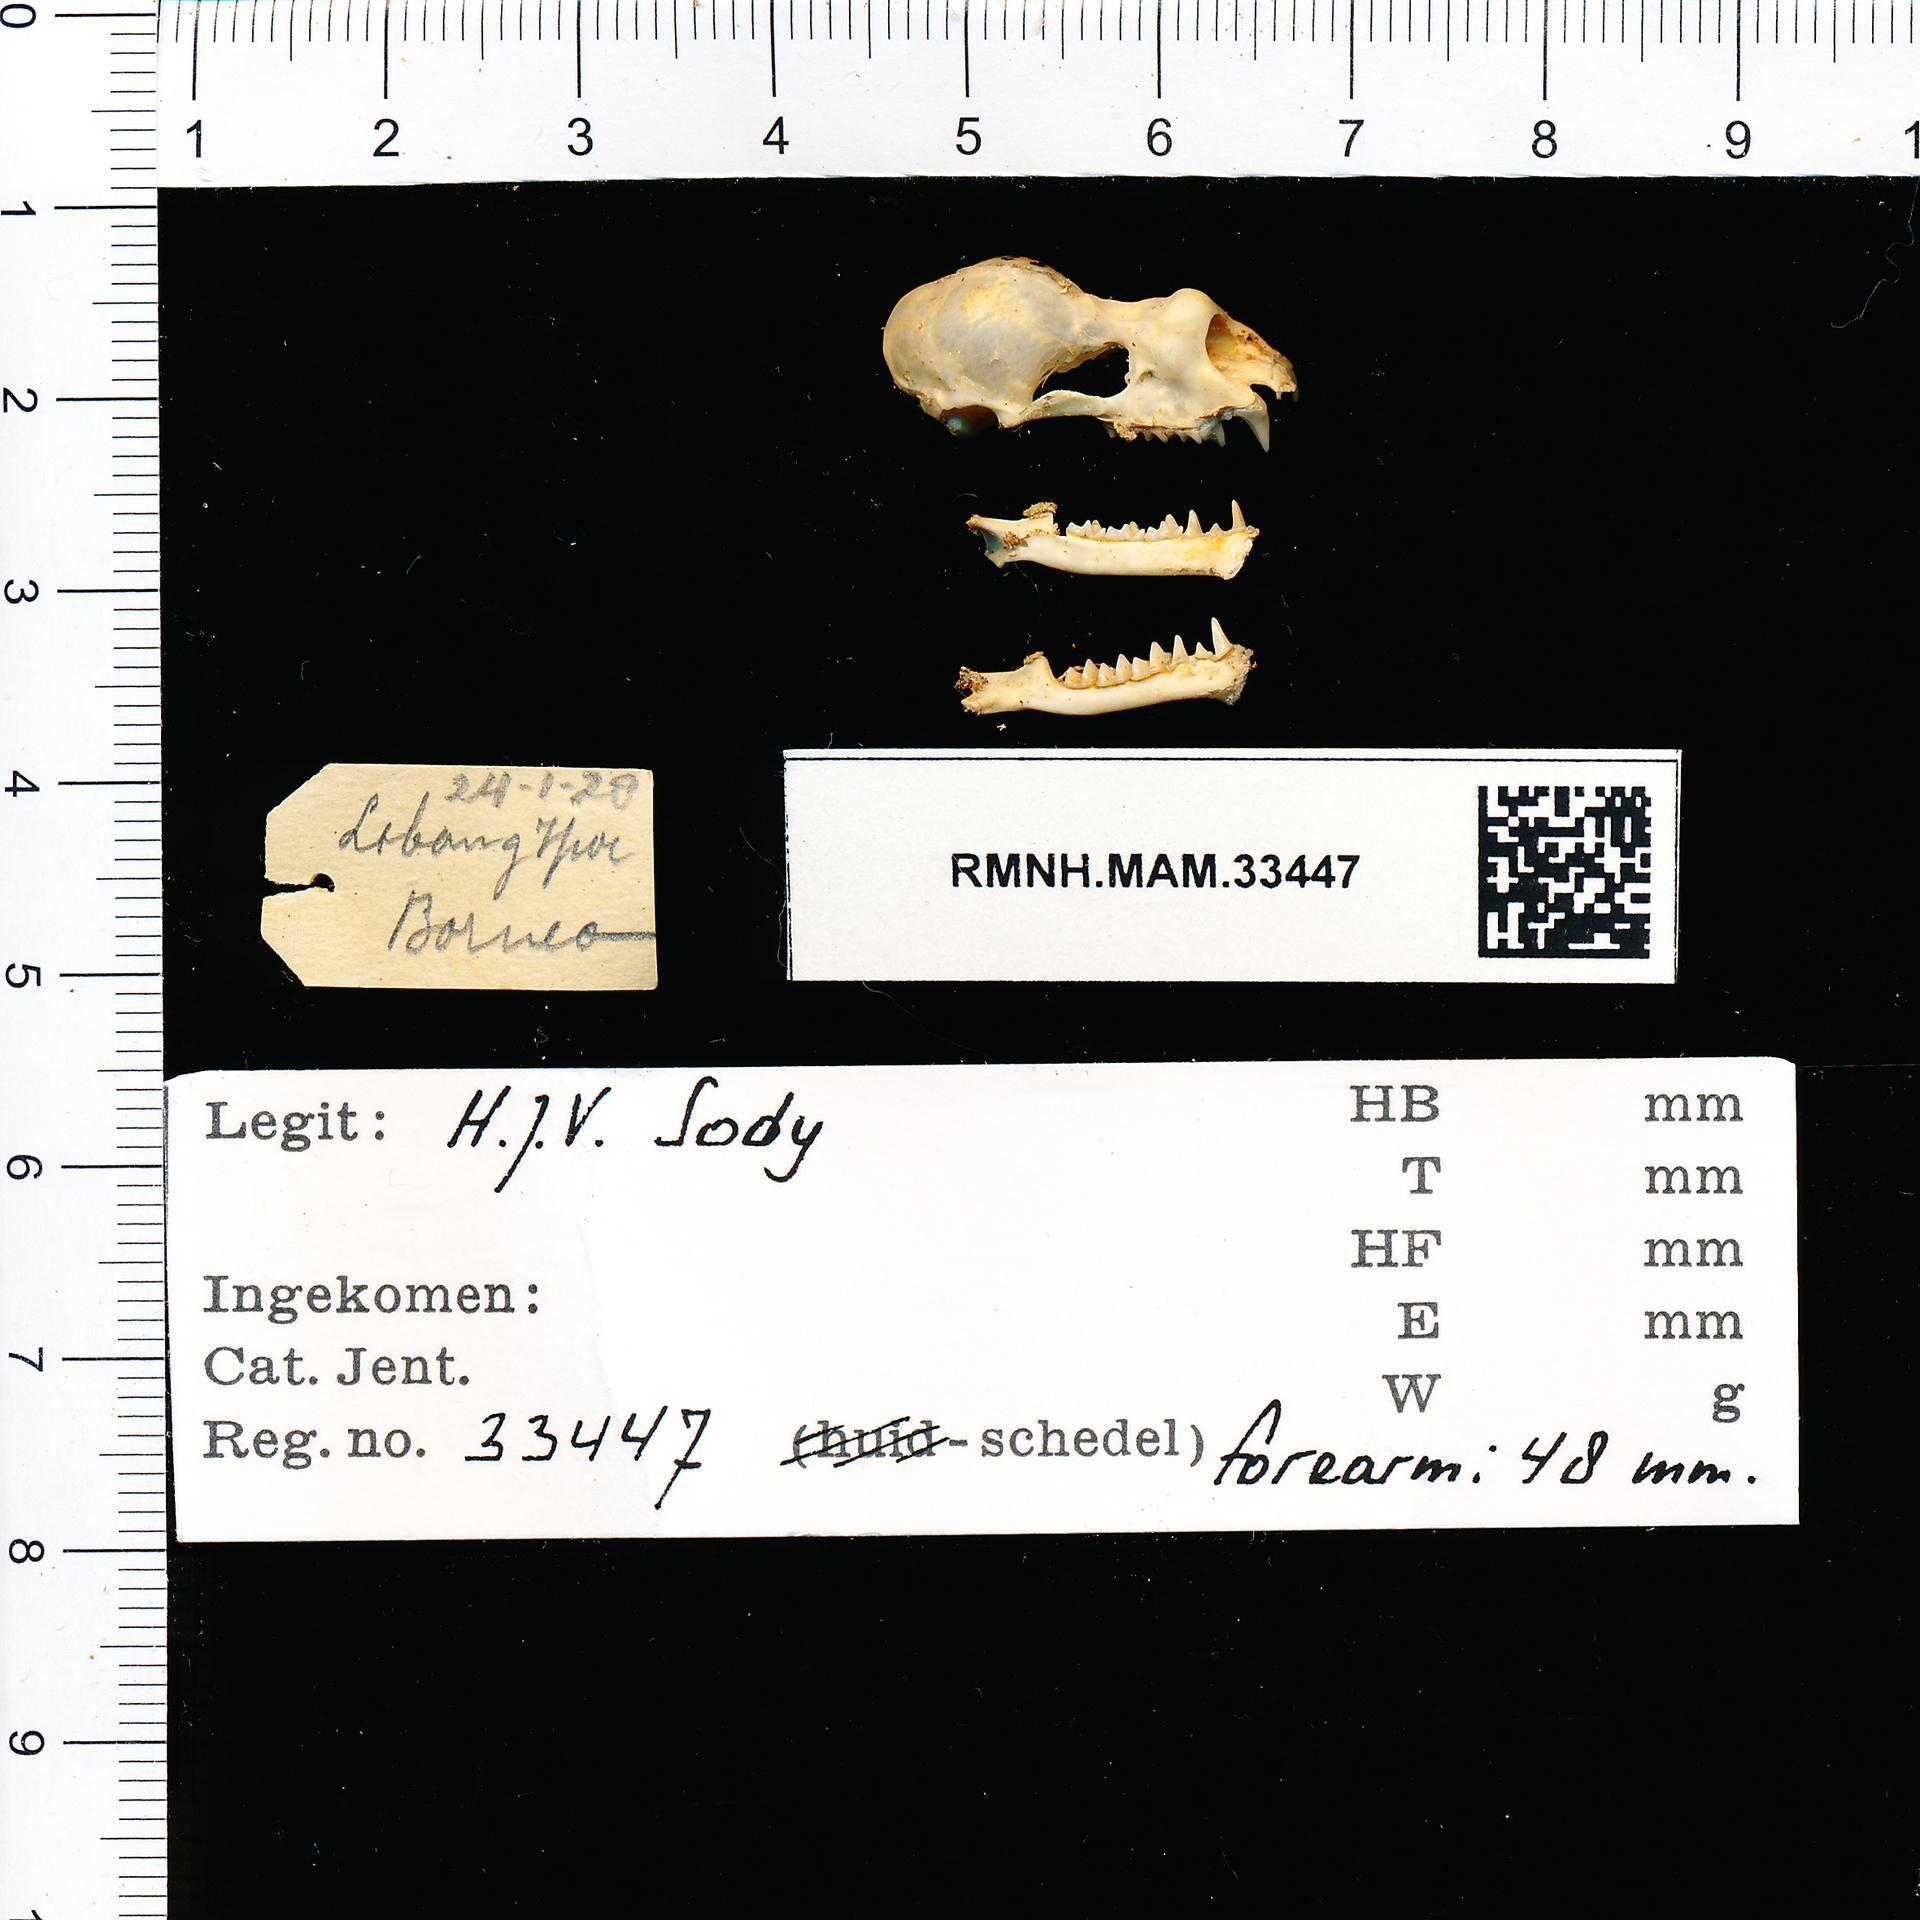 Image of Creagh's Horseshoe Bat